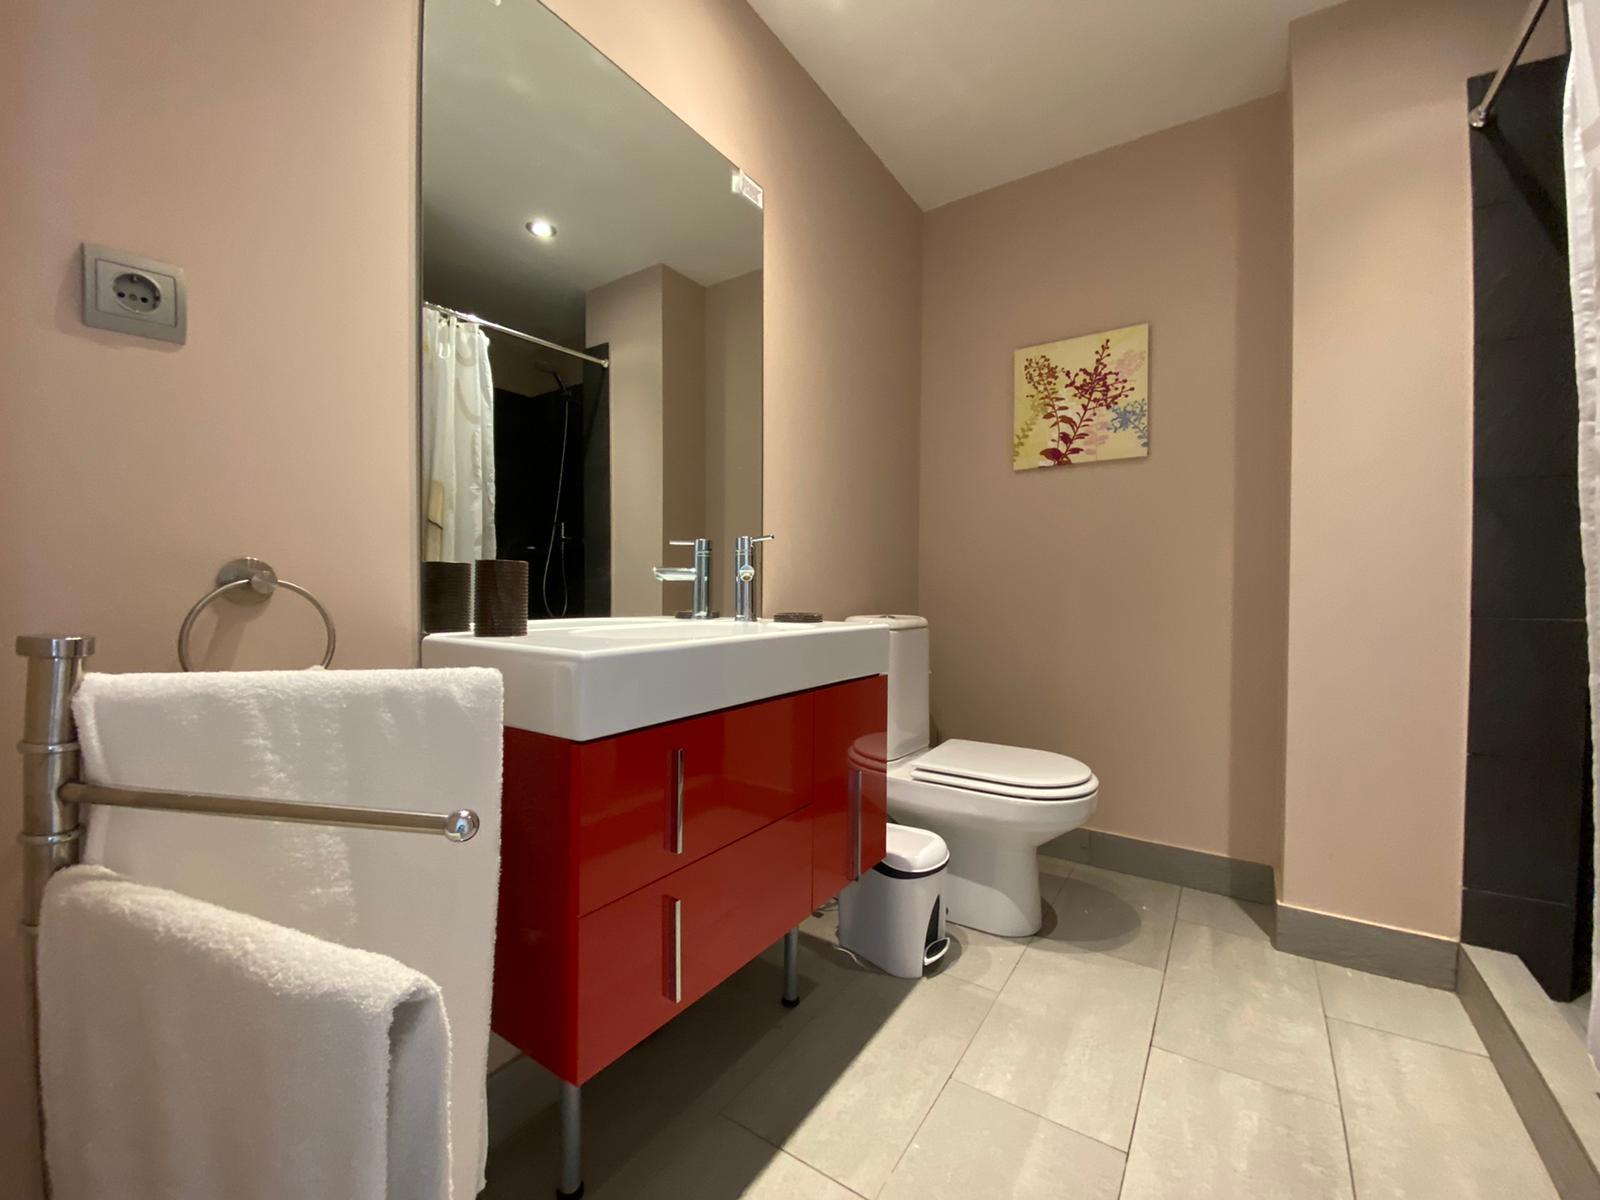 Imagen 16 del Apartamento Turístico, Ático 6 Poniente (3d+2b), Punta del Moral (HUELVA), Paseo de la Cruz nº22